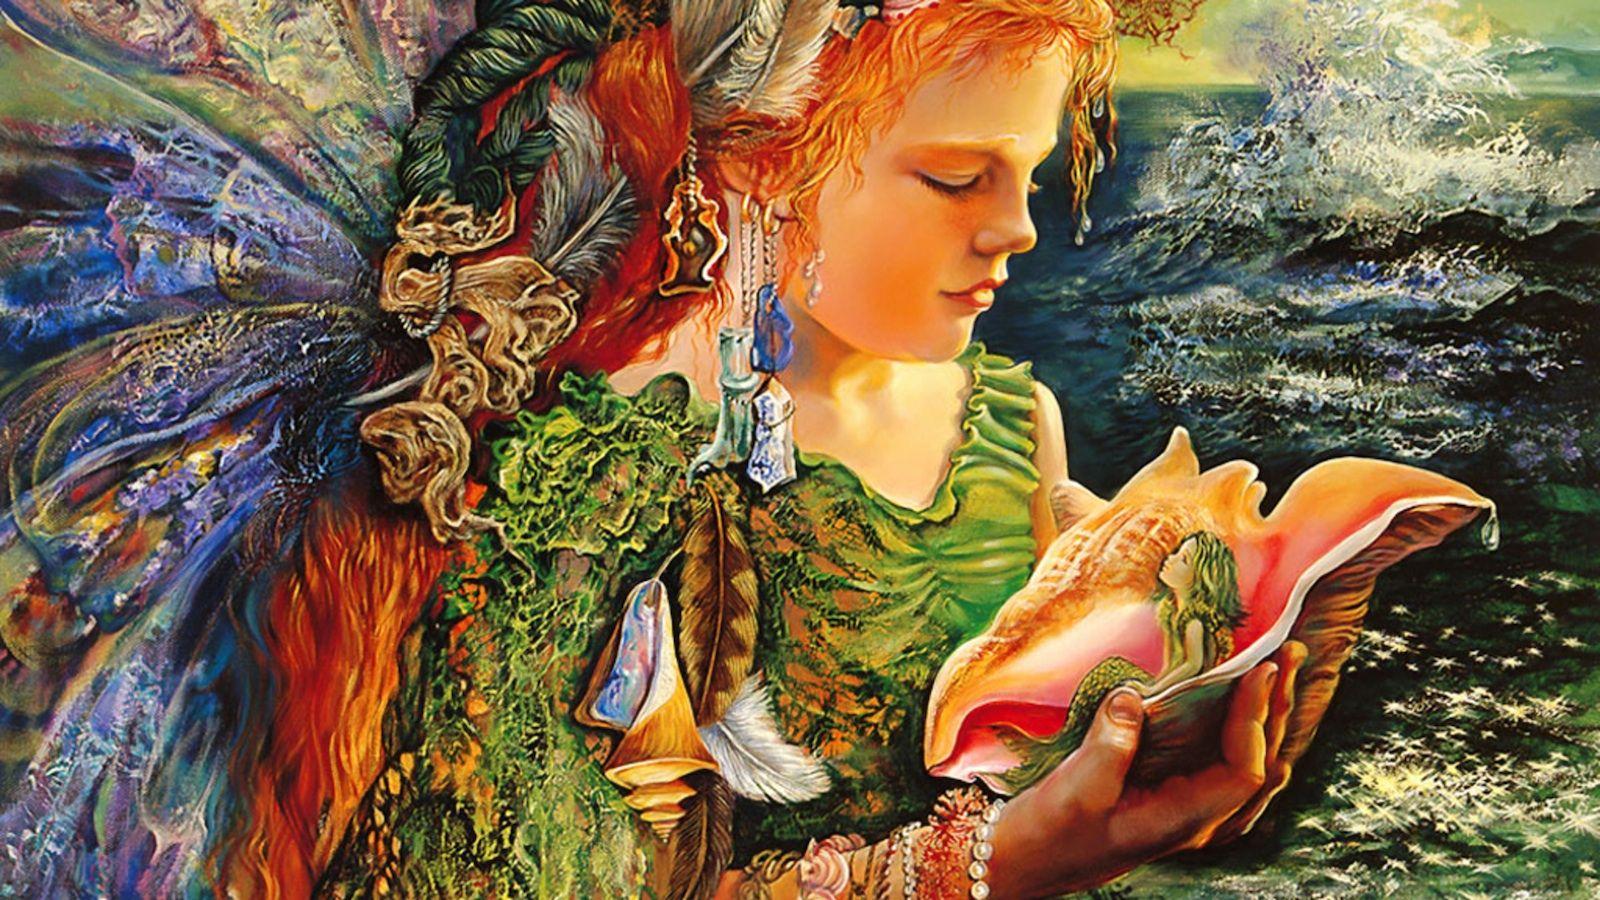 good friends | Mermaids | Pinterest: pinterest.com/pin/9851692906691046